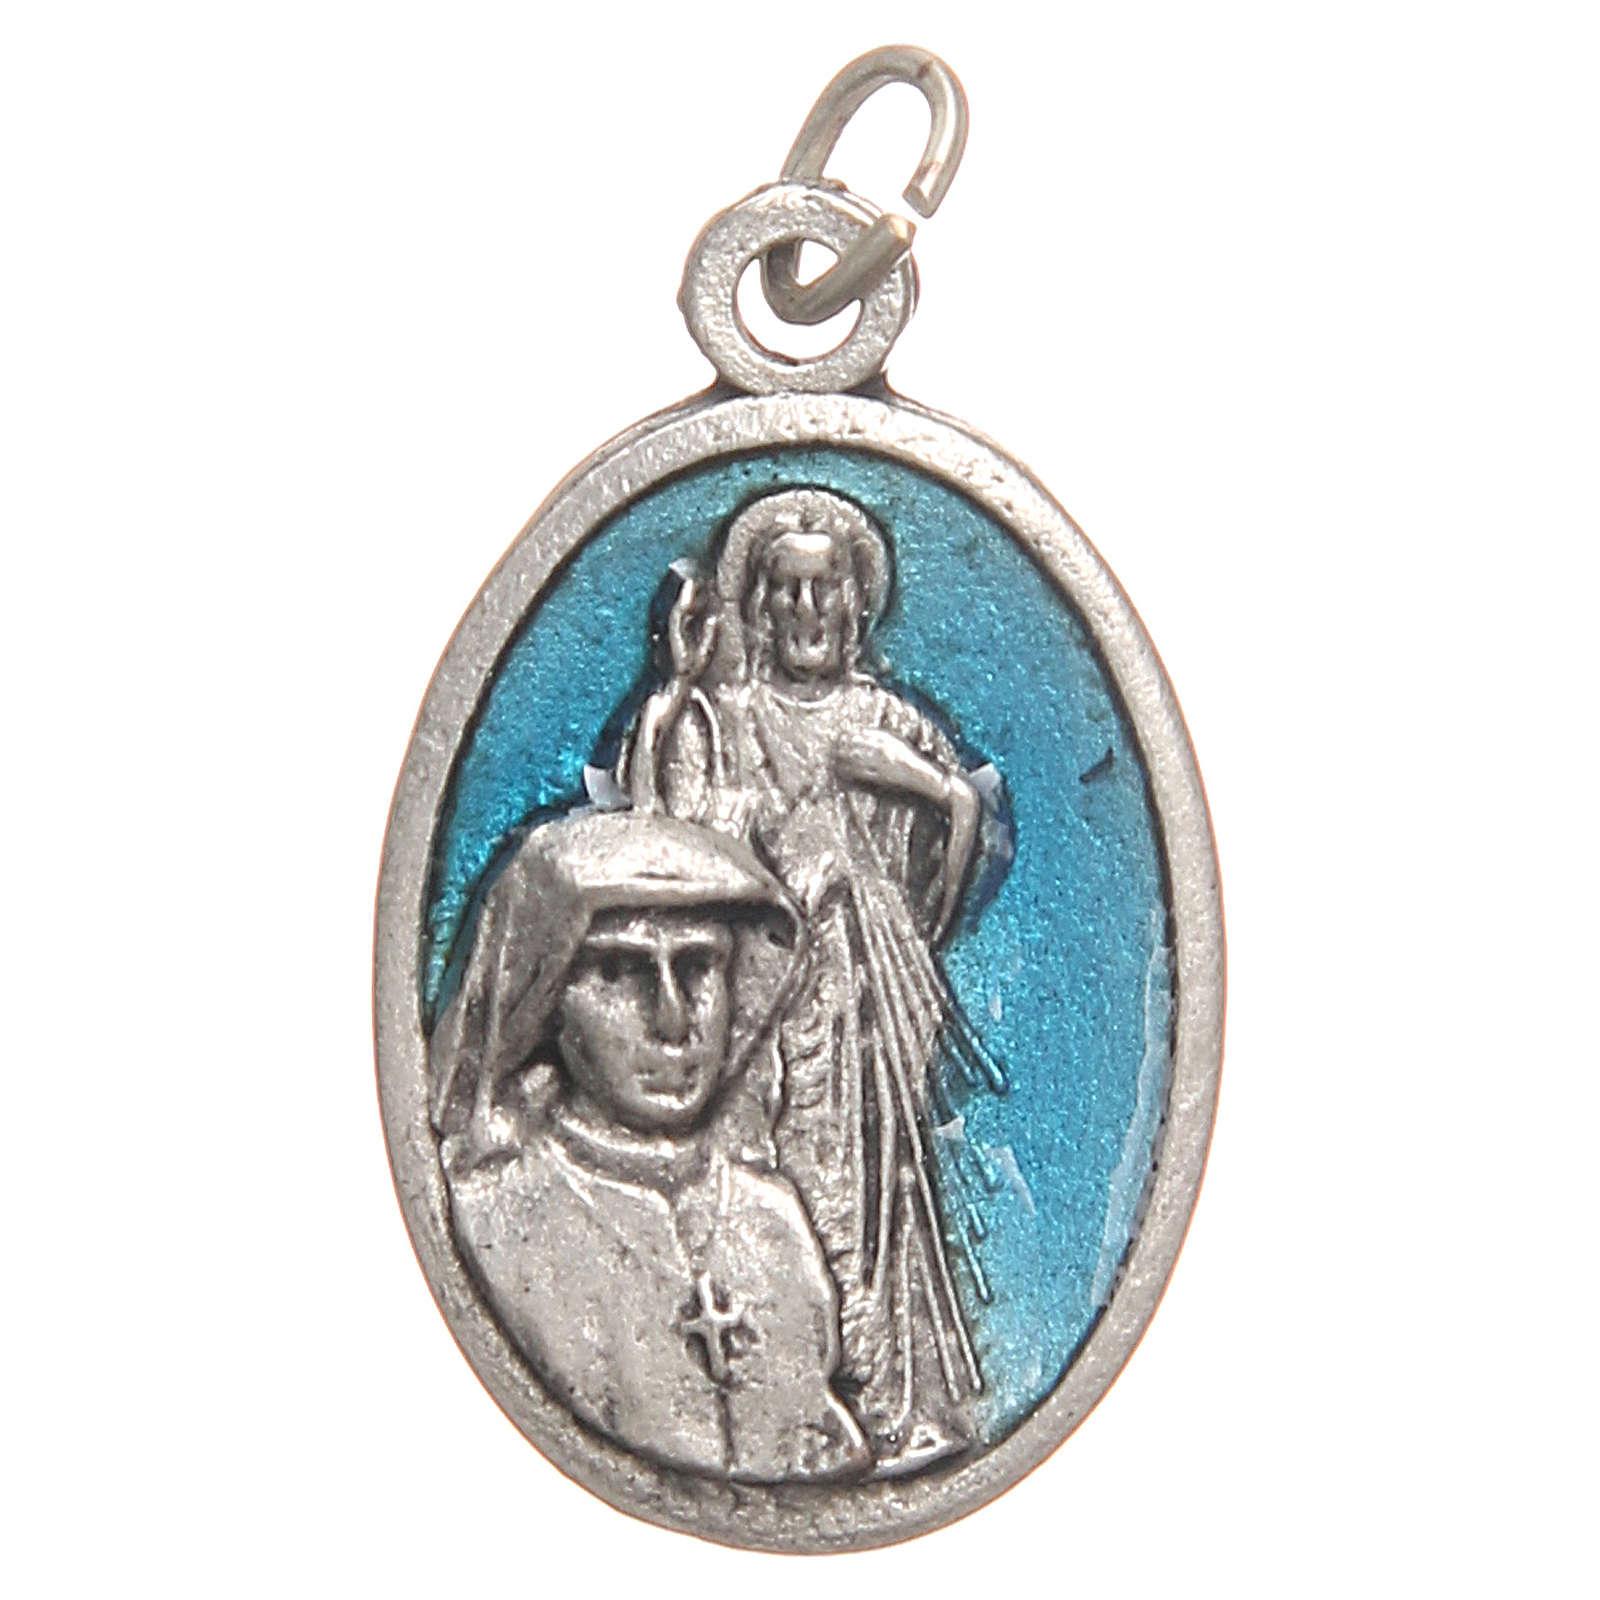 Médaille pendentif Sainte Faustine galvanisée argent vieilli bleu 2,1 cm 4